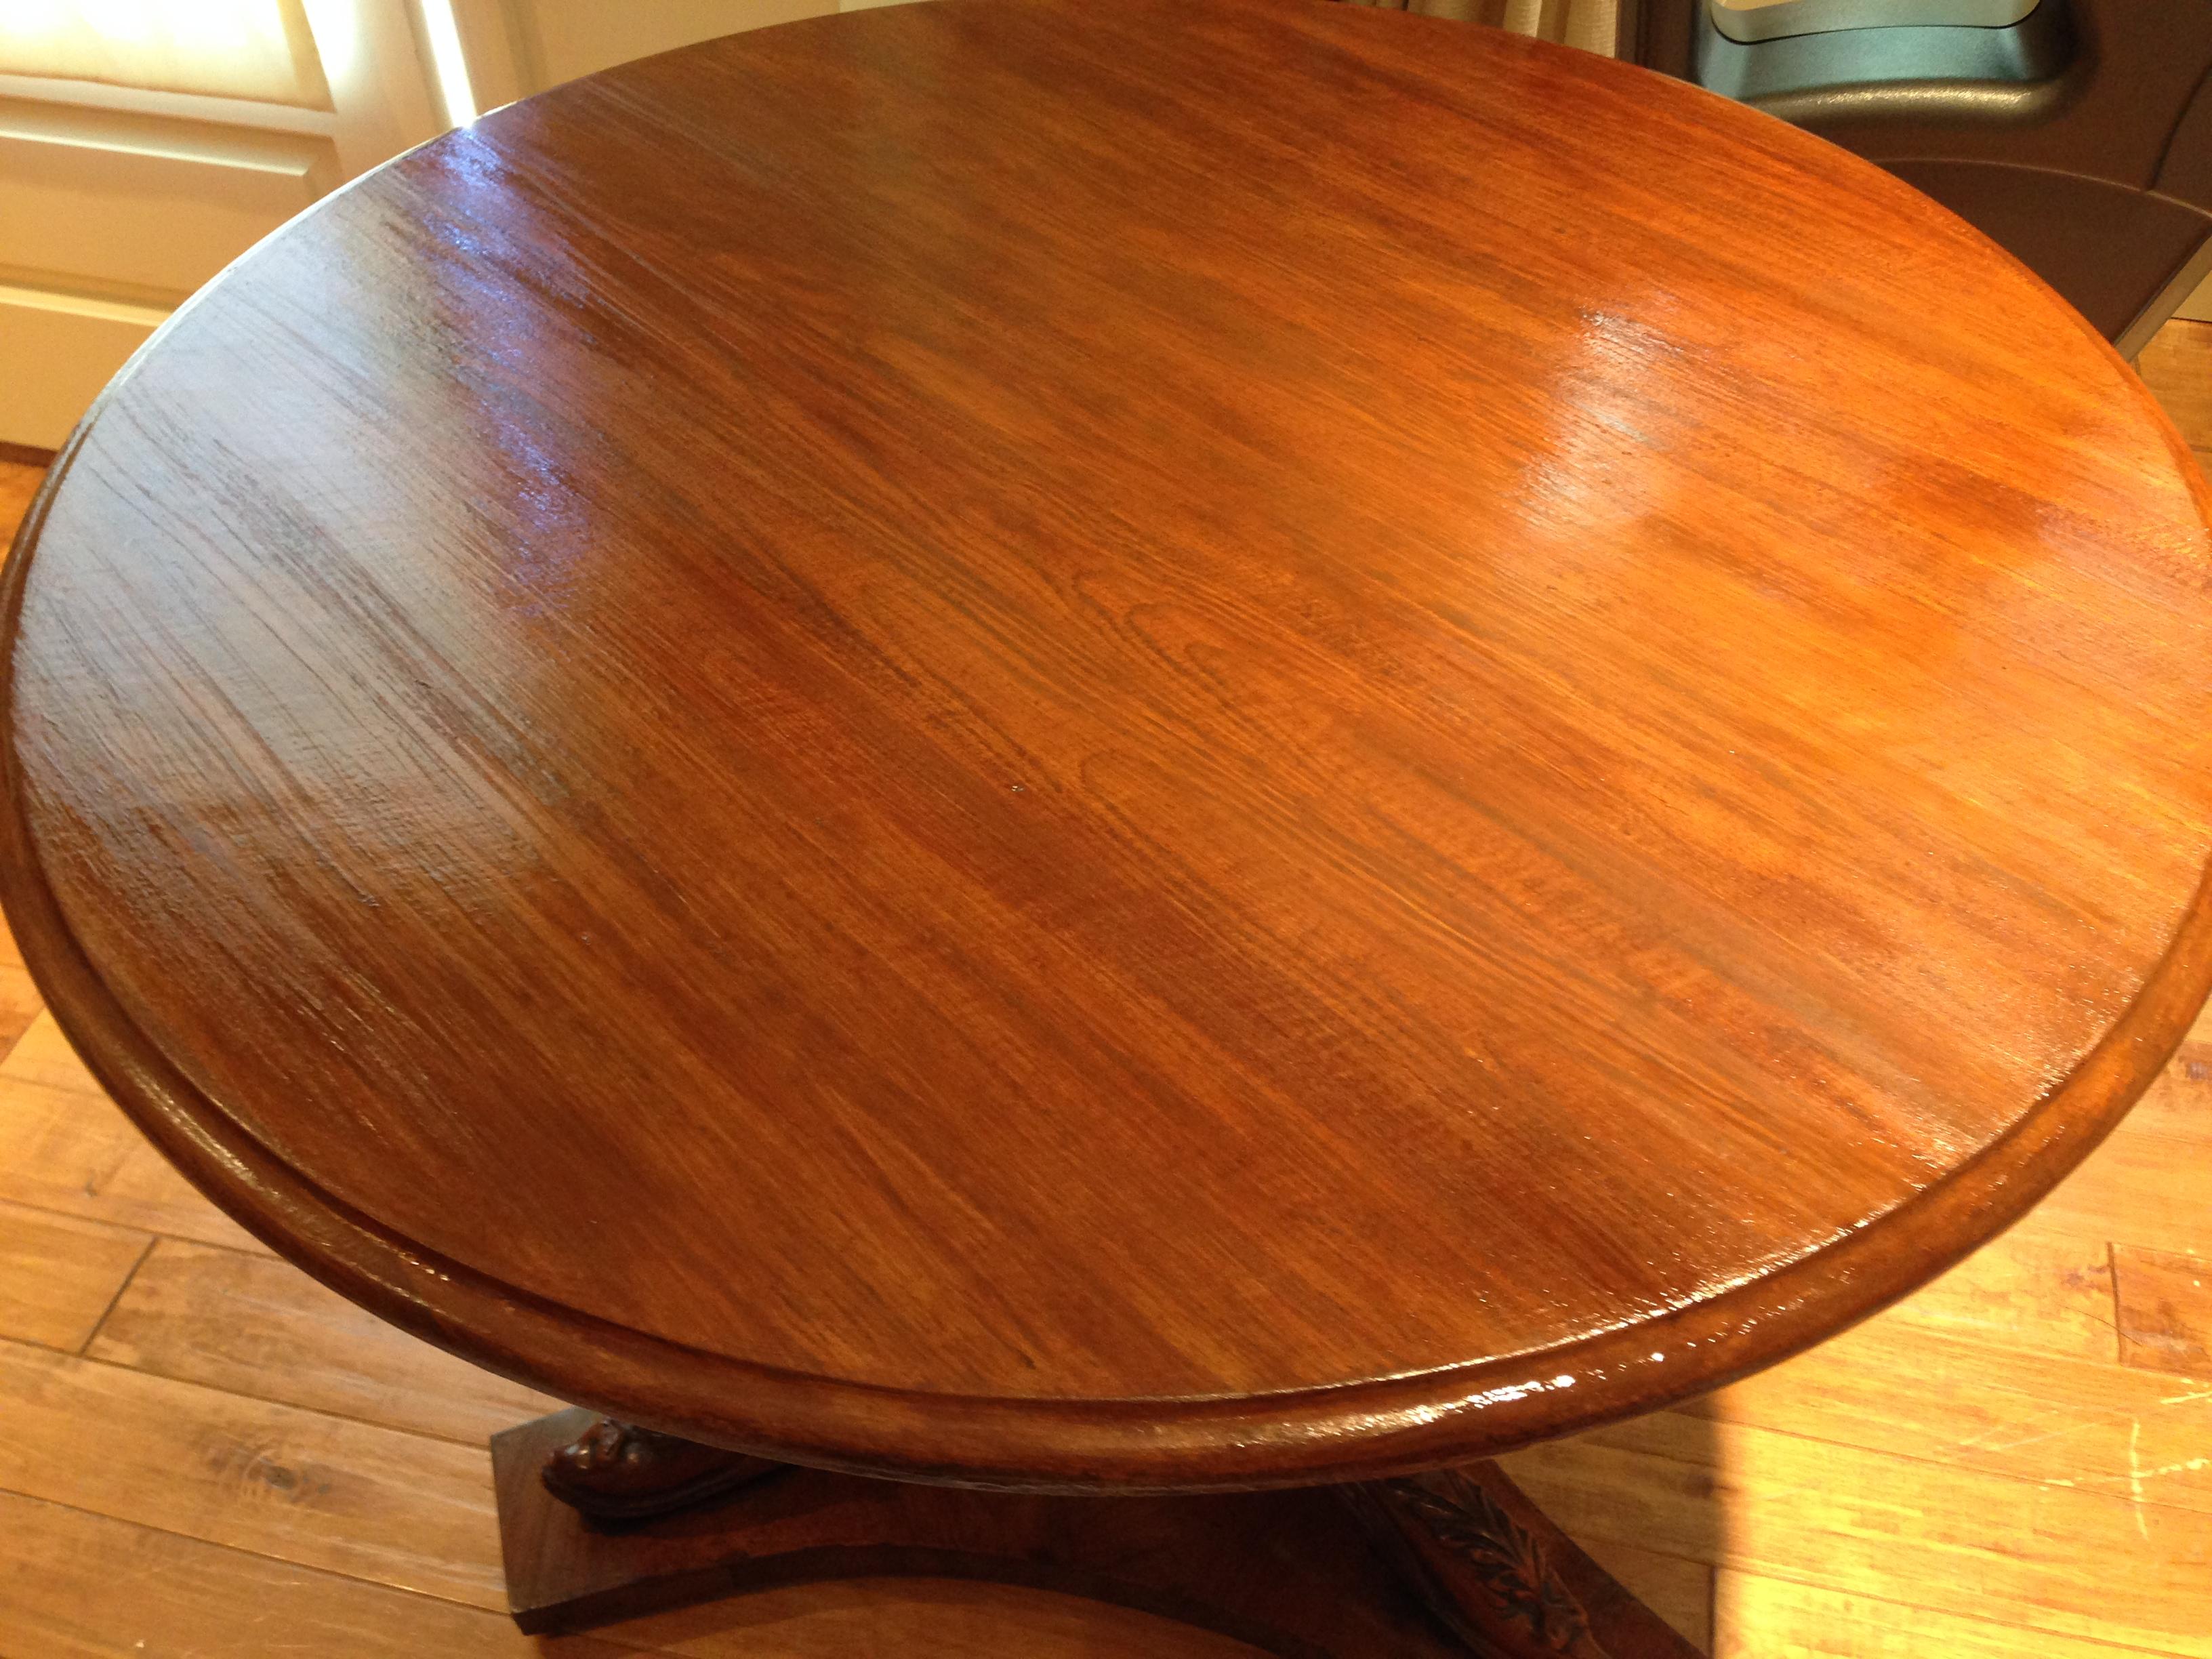 wood grain tabletop